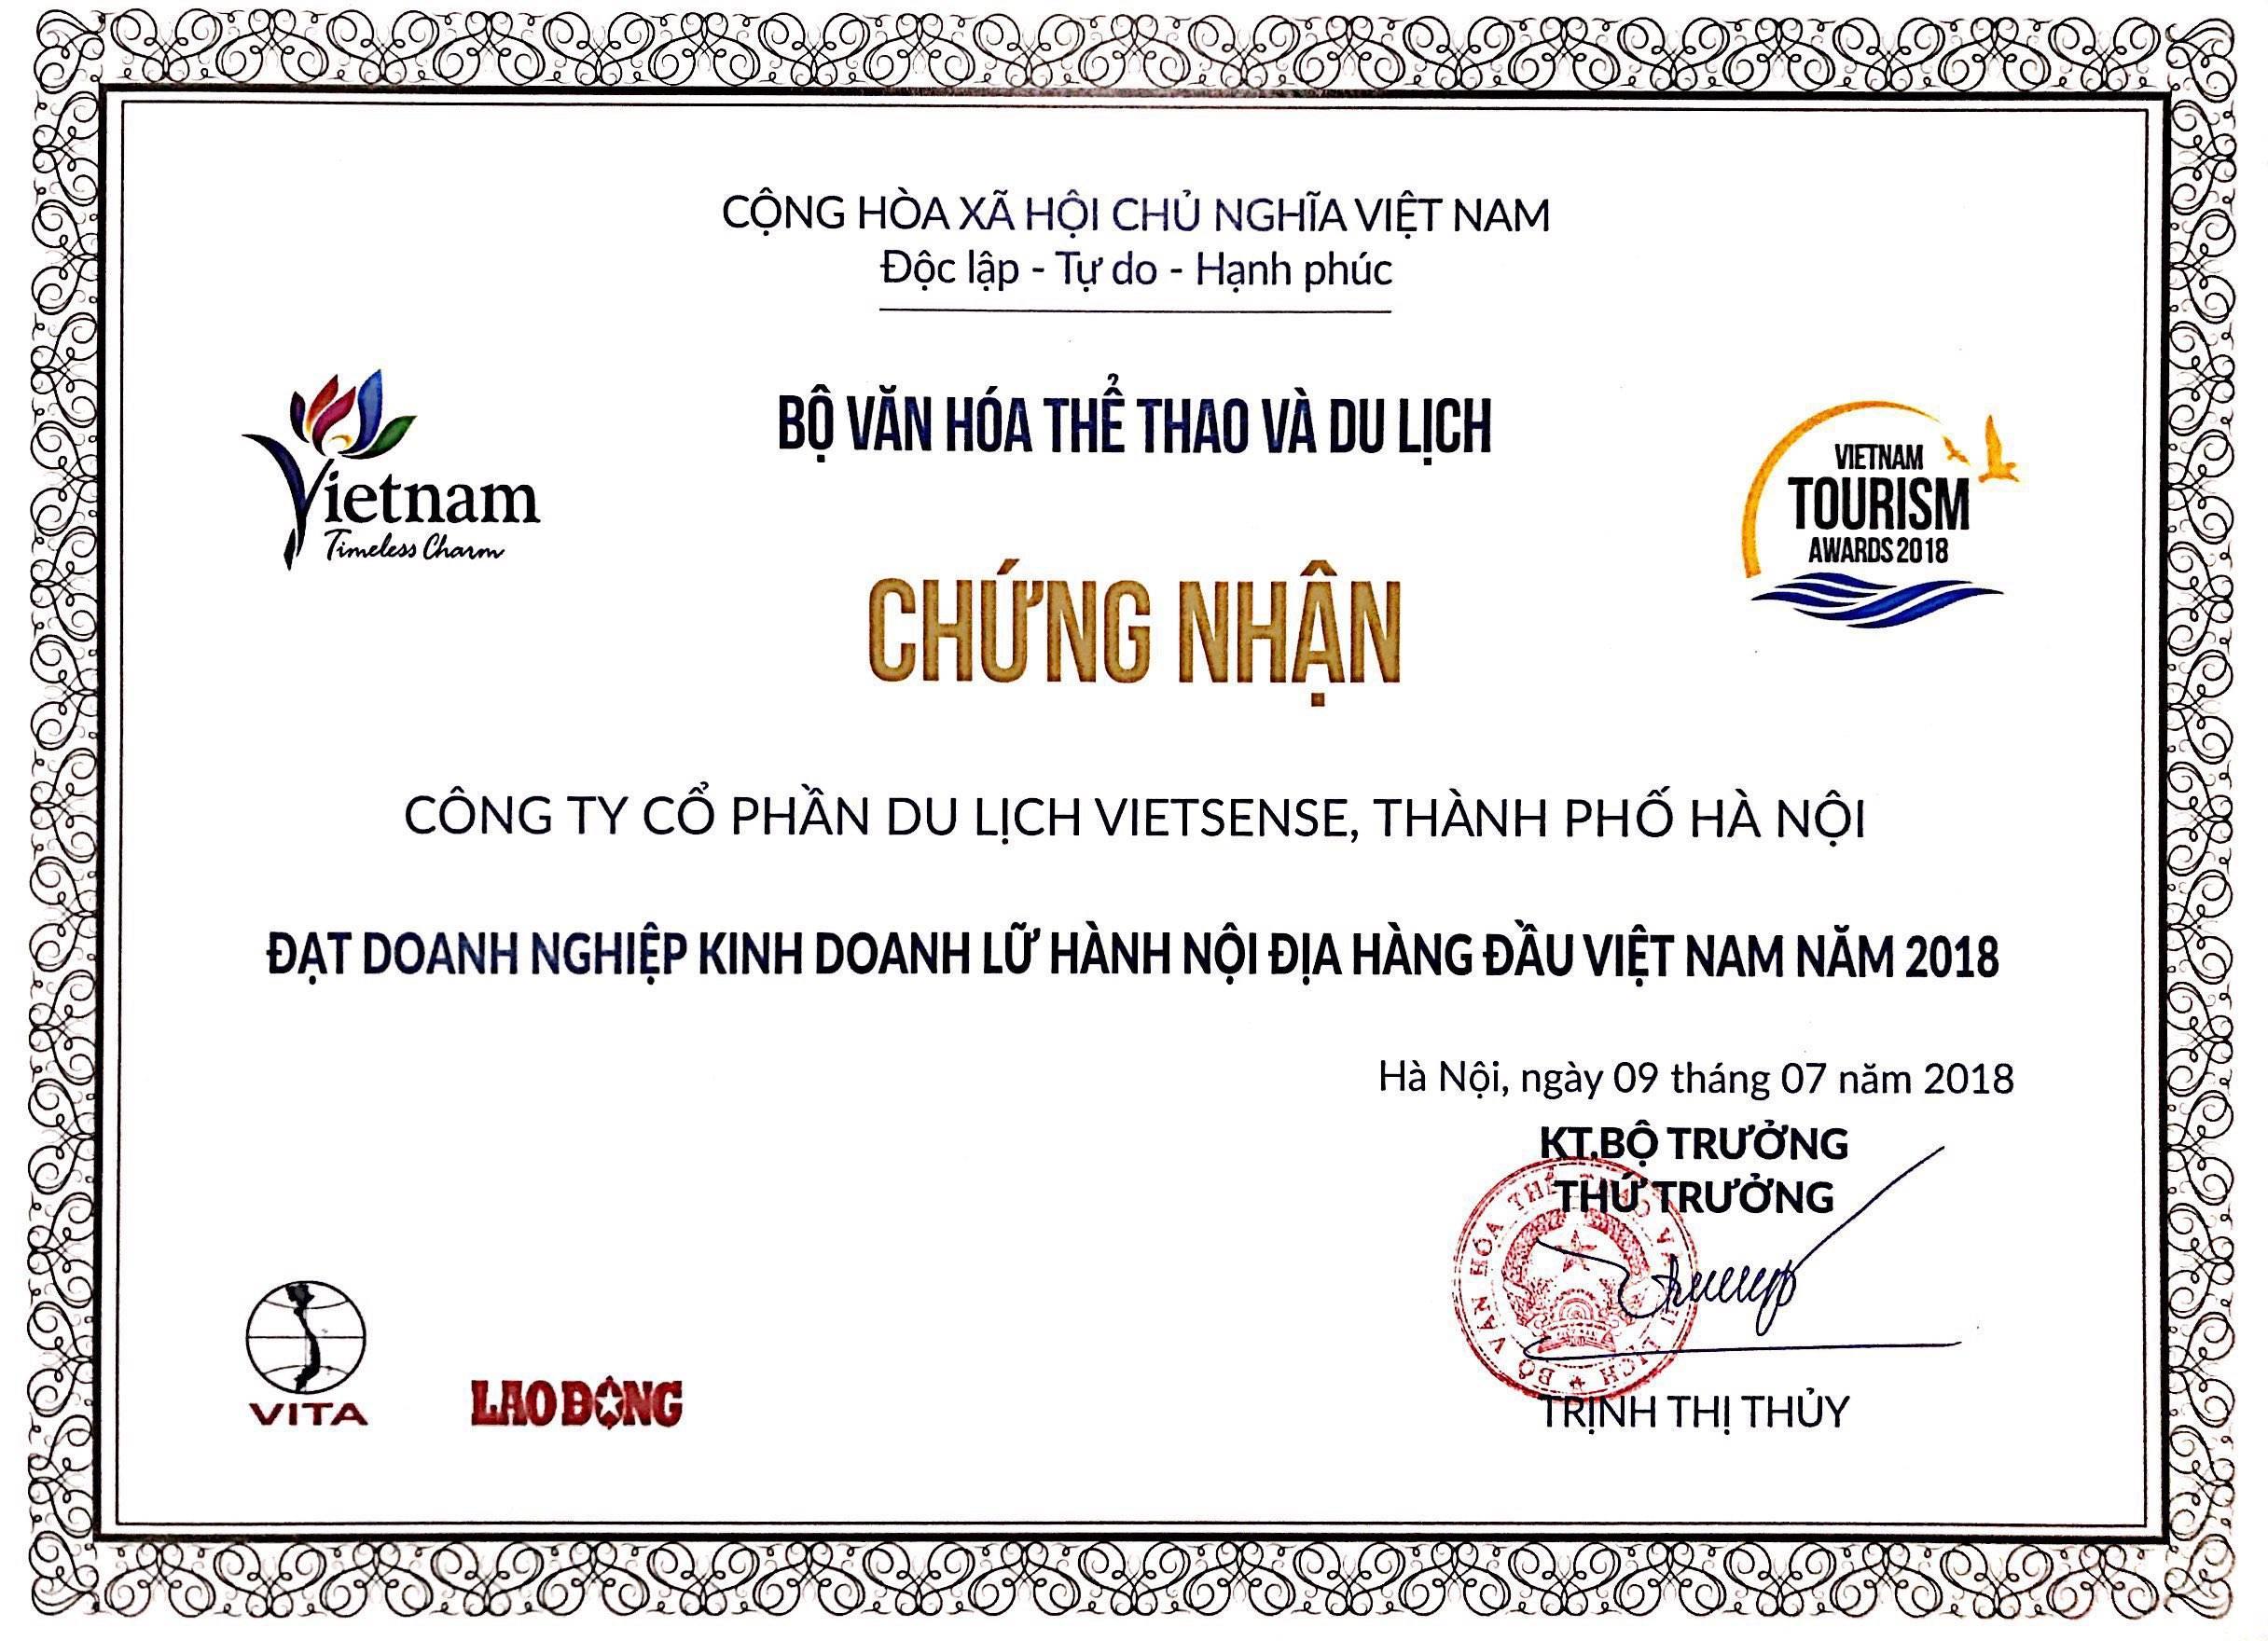 VietSense Travel Được Vinh Danh Trong Top 10 Công Ty Du Lịch Hàng Đầu Việt Nam - Ảnh 4